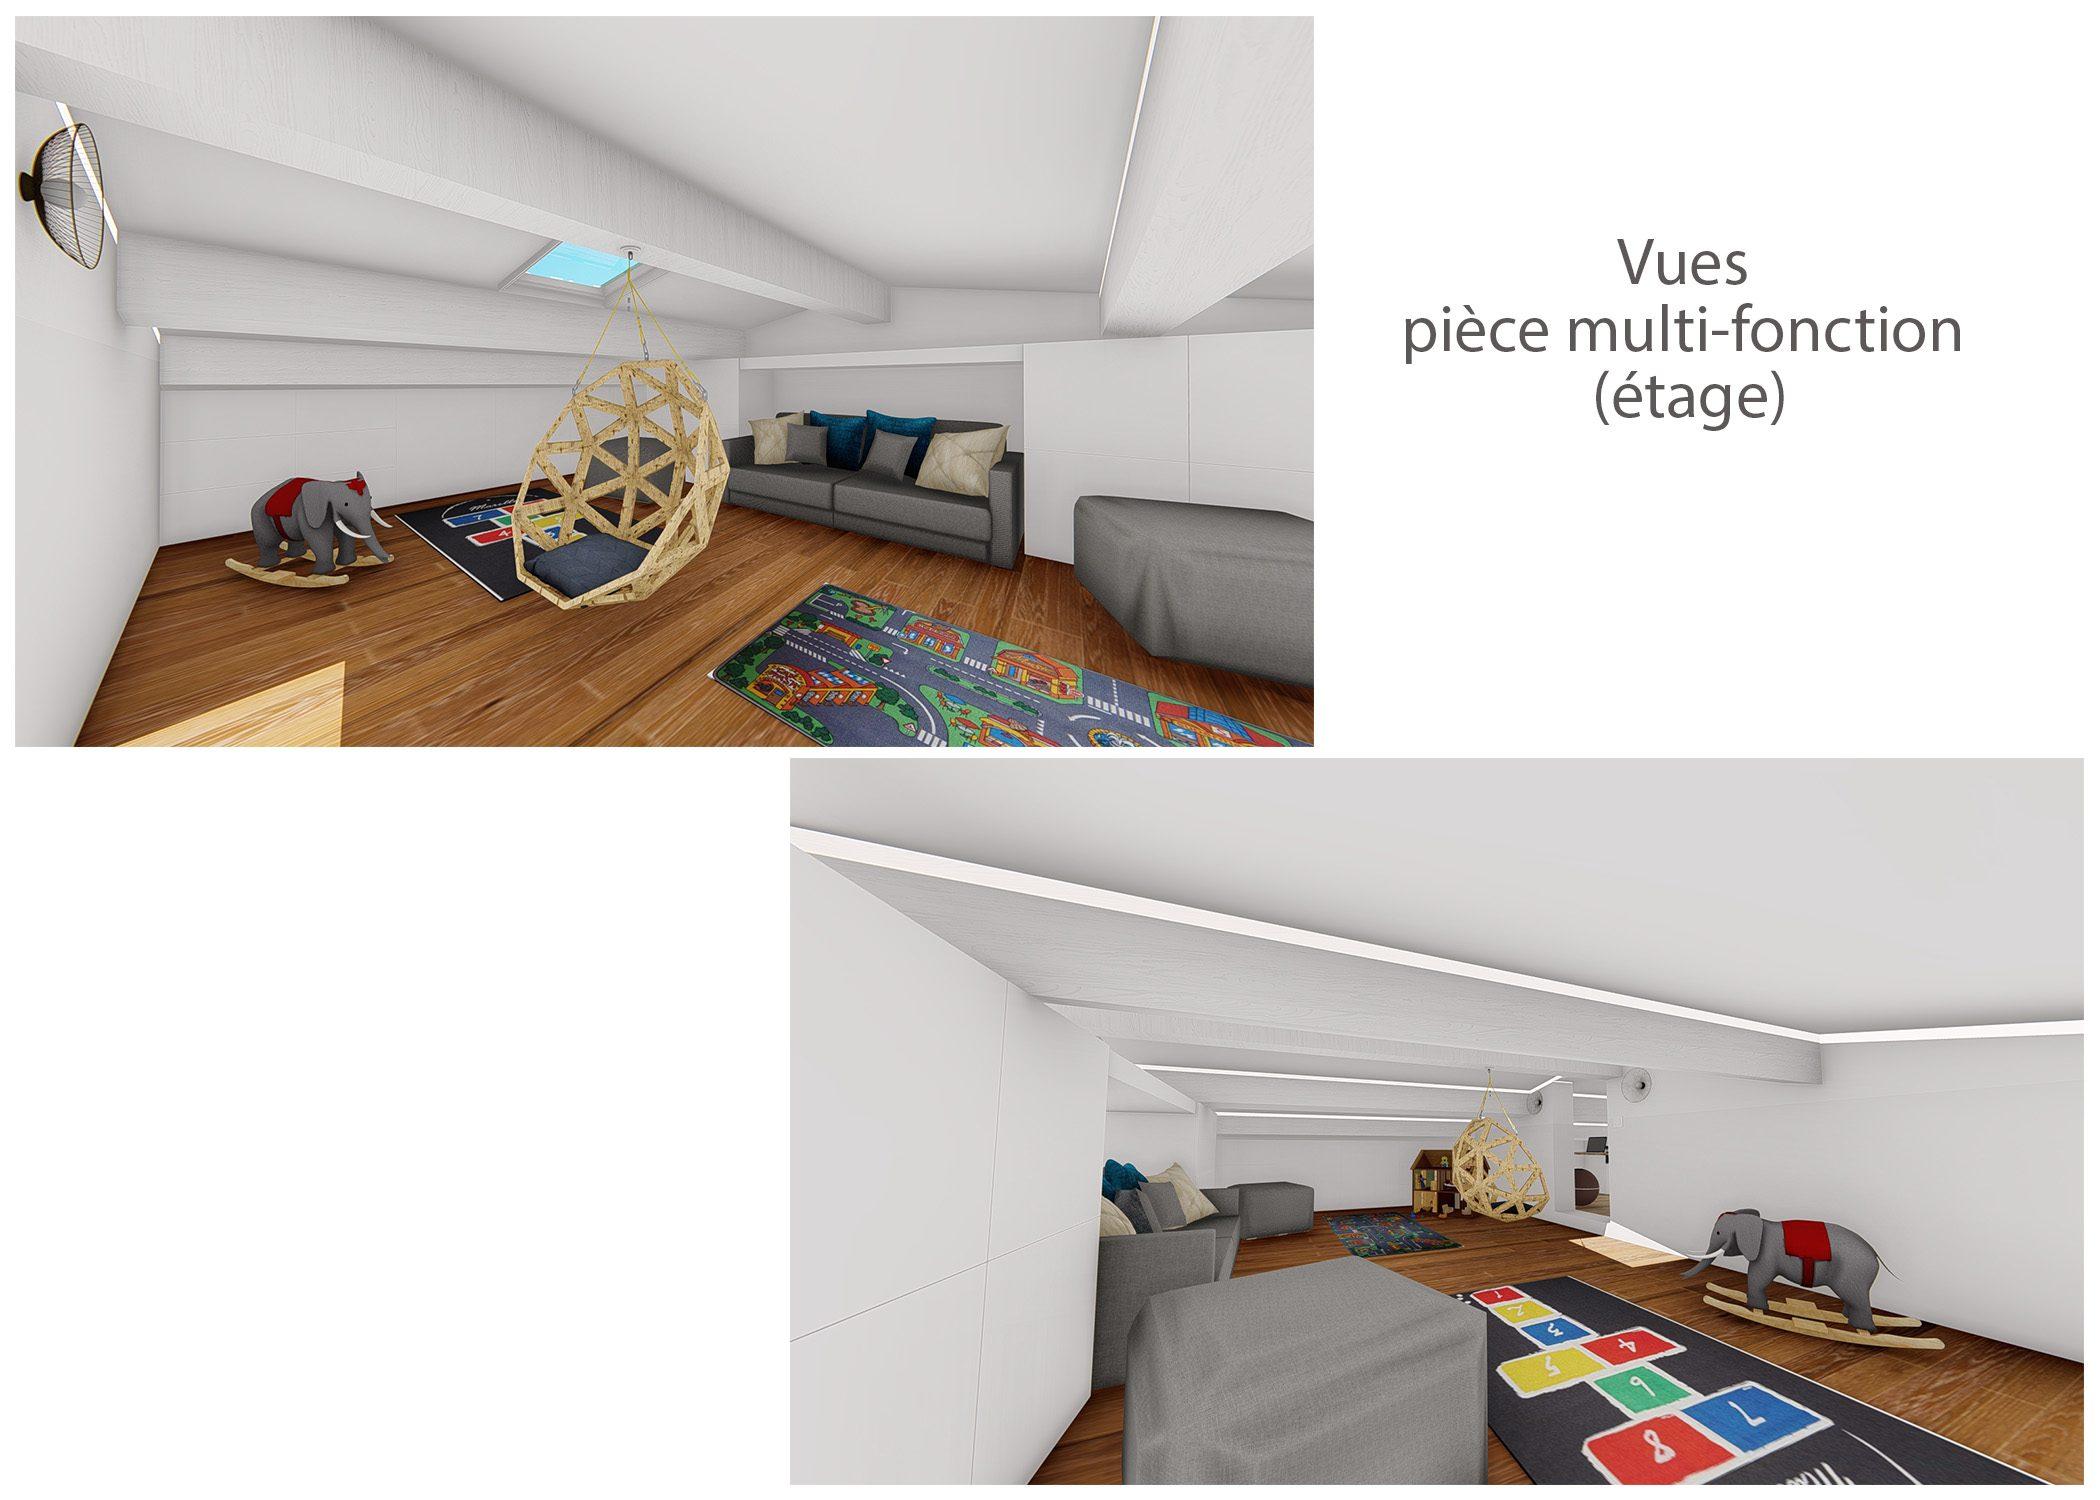 renovation-amenagement-decoration-maison de famille-fuveau-rendus piece multi-fonction-dekho design